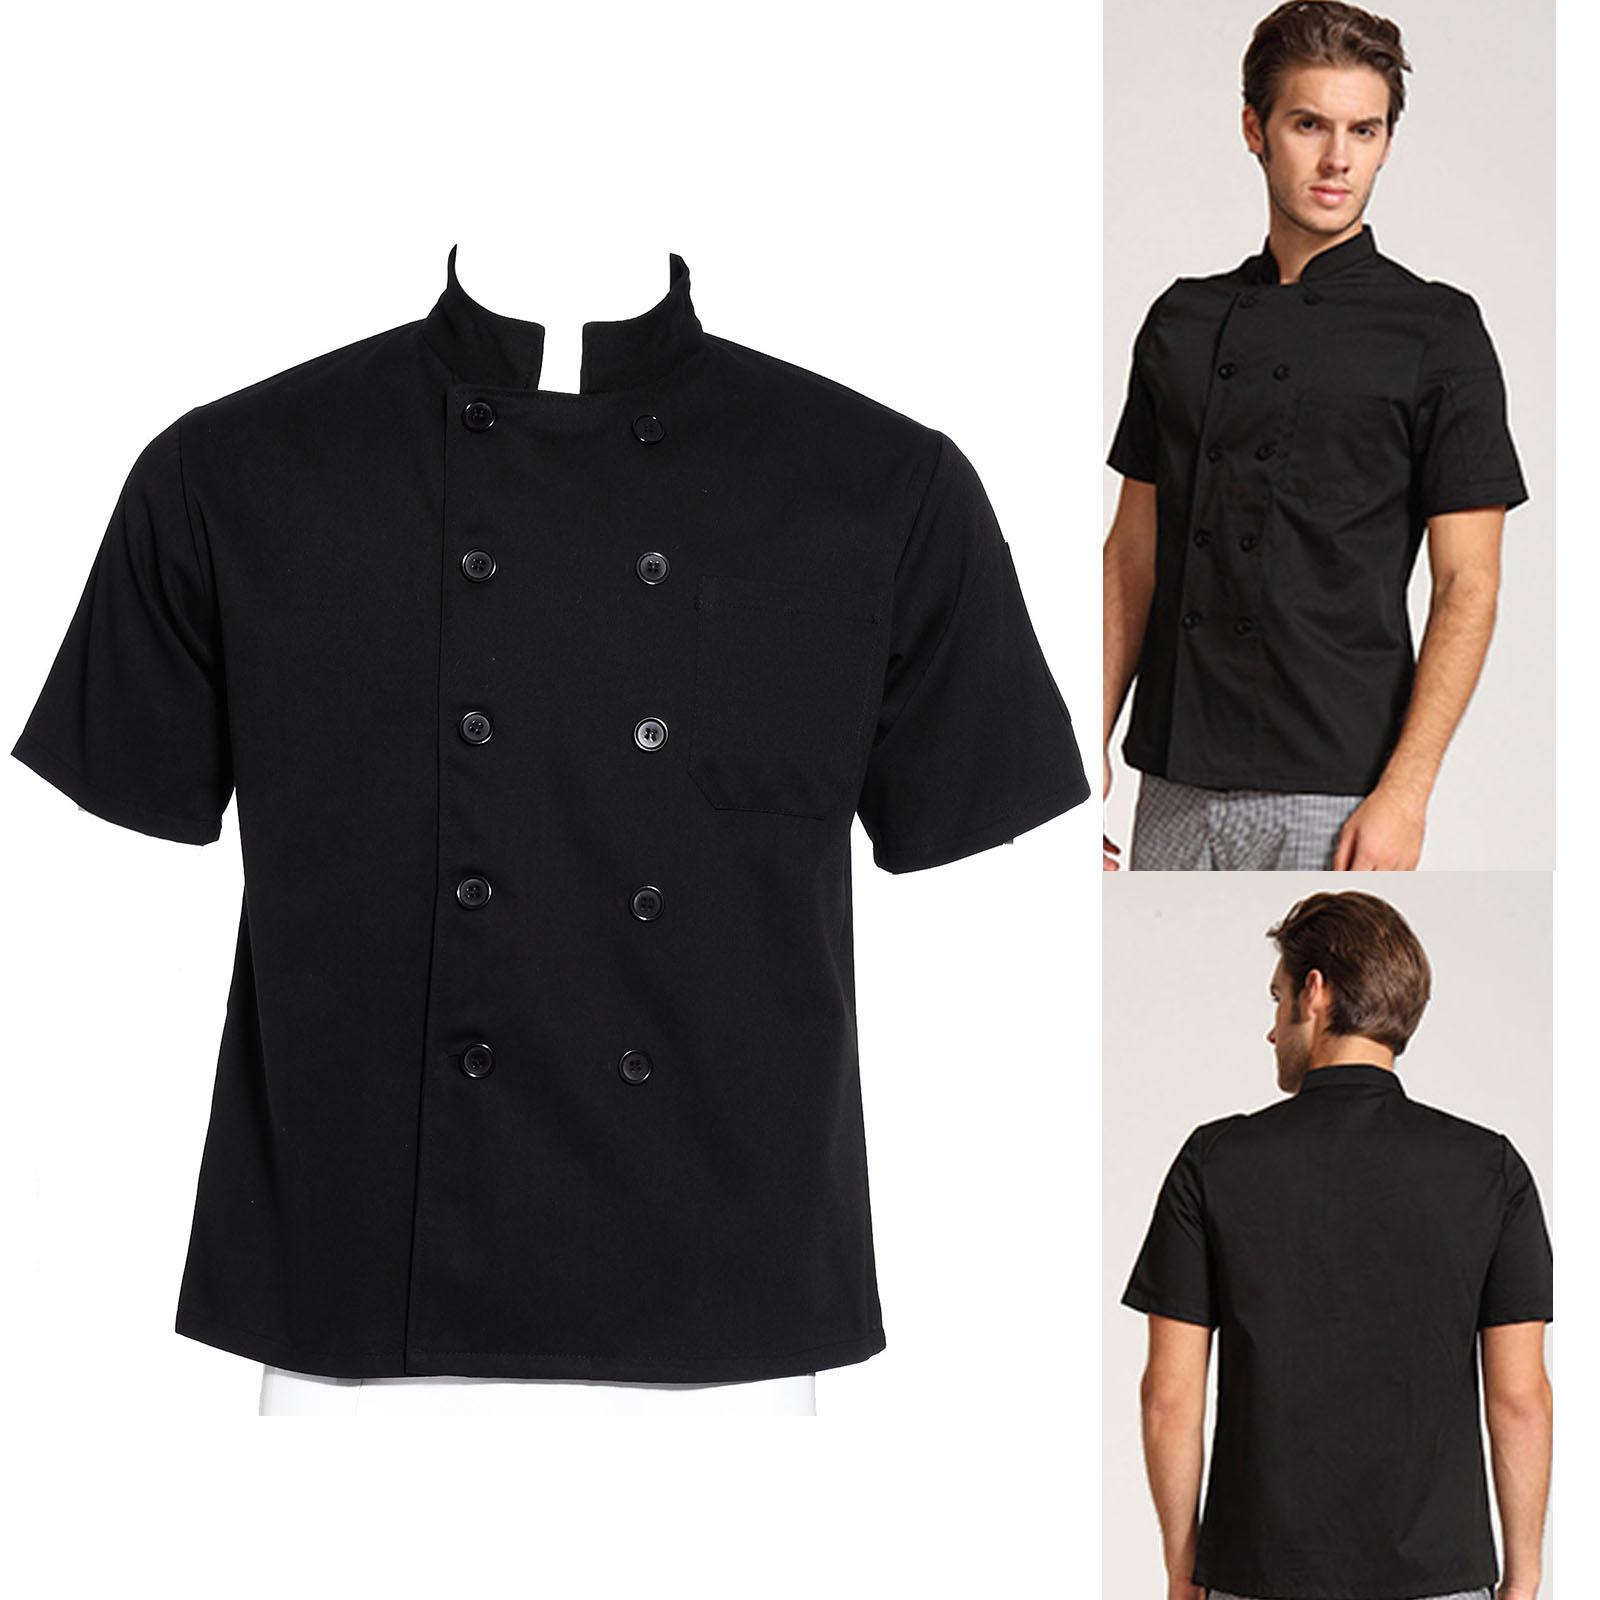 Nero Cuoco Manica Uomo Giacca Pantaloni Lunga O Camicia Corta Chef qaazIT5